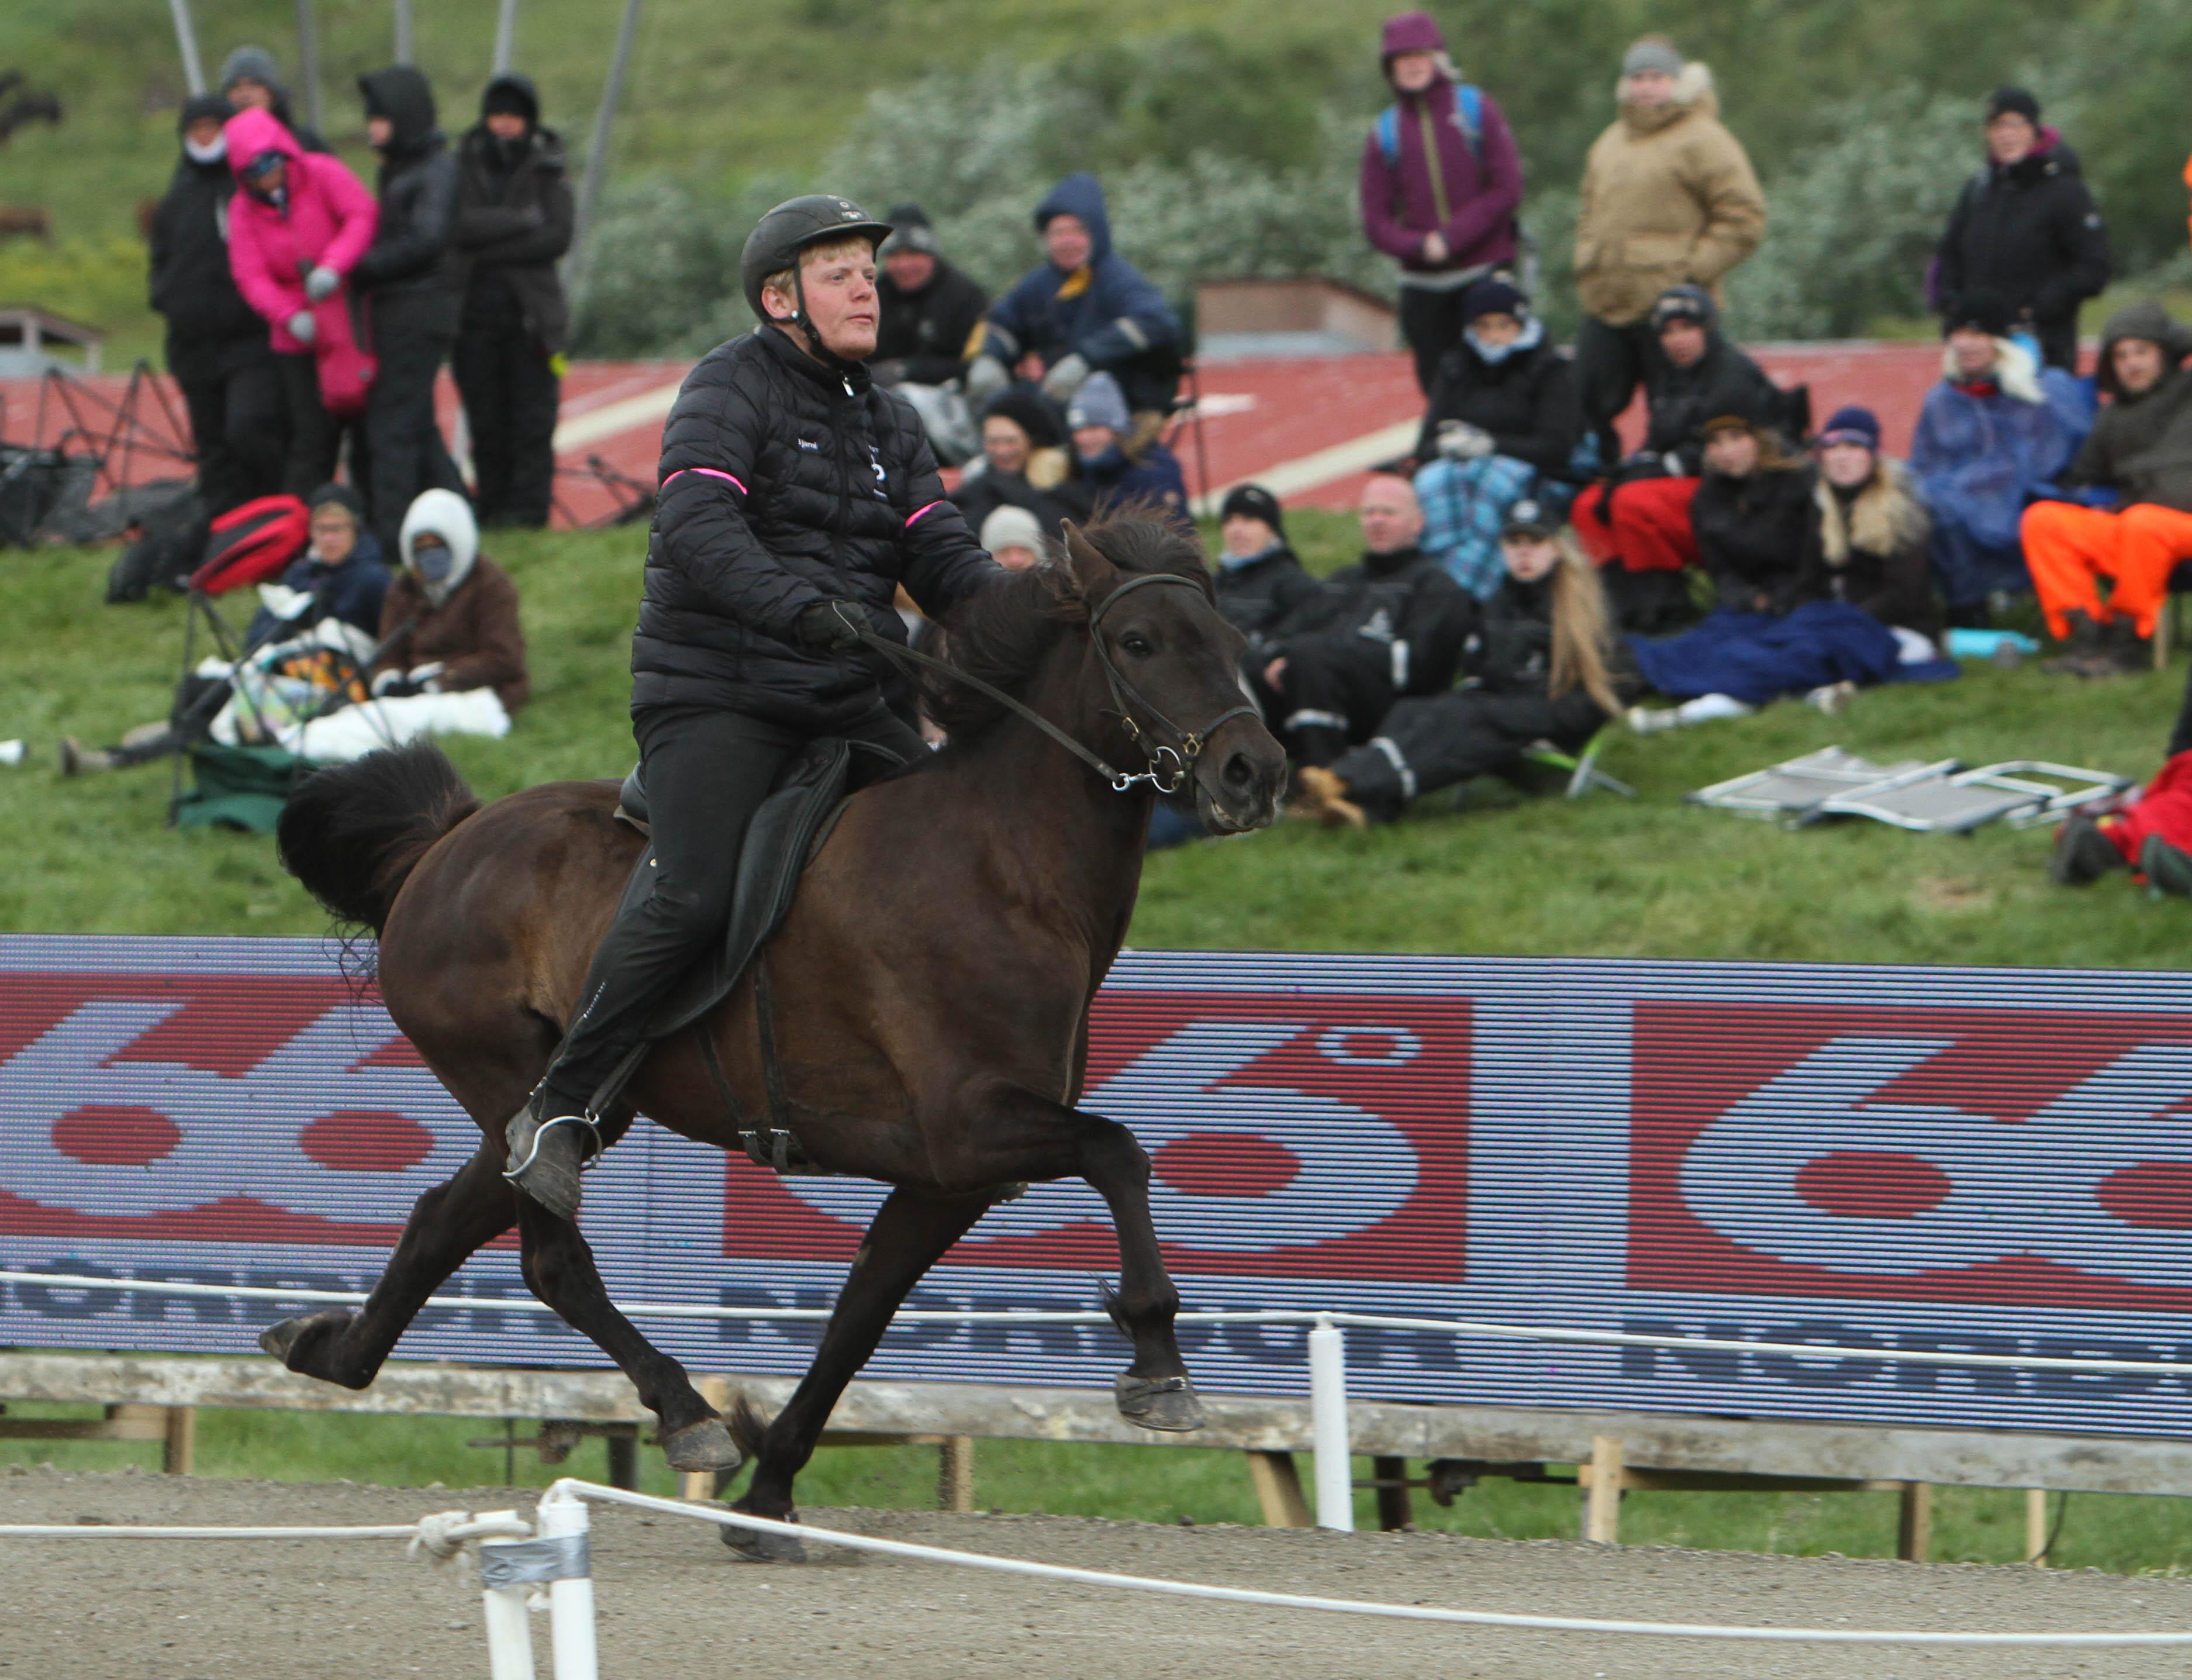 Mot världsrekordet! Bjarni och Hera! Foto: Karin Cederman/ishestnews.se